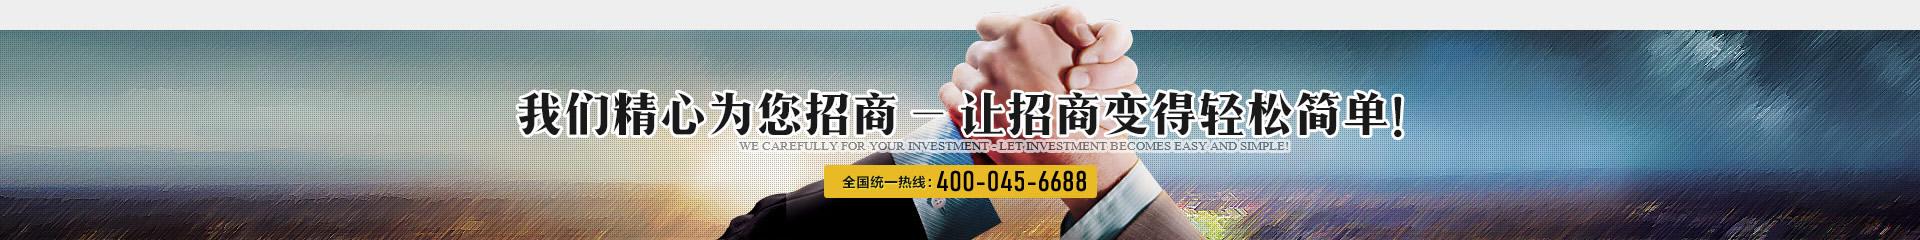 皇家金盾智能指纹锁精心为您招商 - 让招商变得轻松简单!